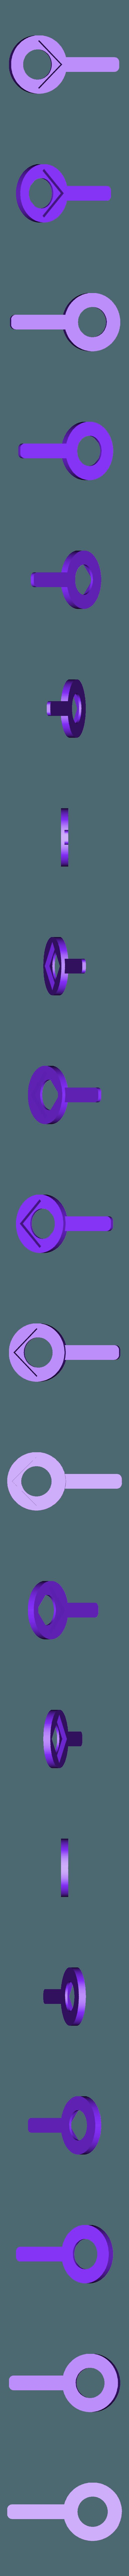 hourHand.stl Télécharger fichier STL gratuit Horloge d'apprentissage à engrenages • Modèle à imprimer en 3D, ecoiras